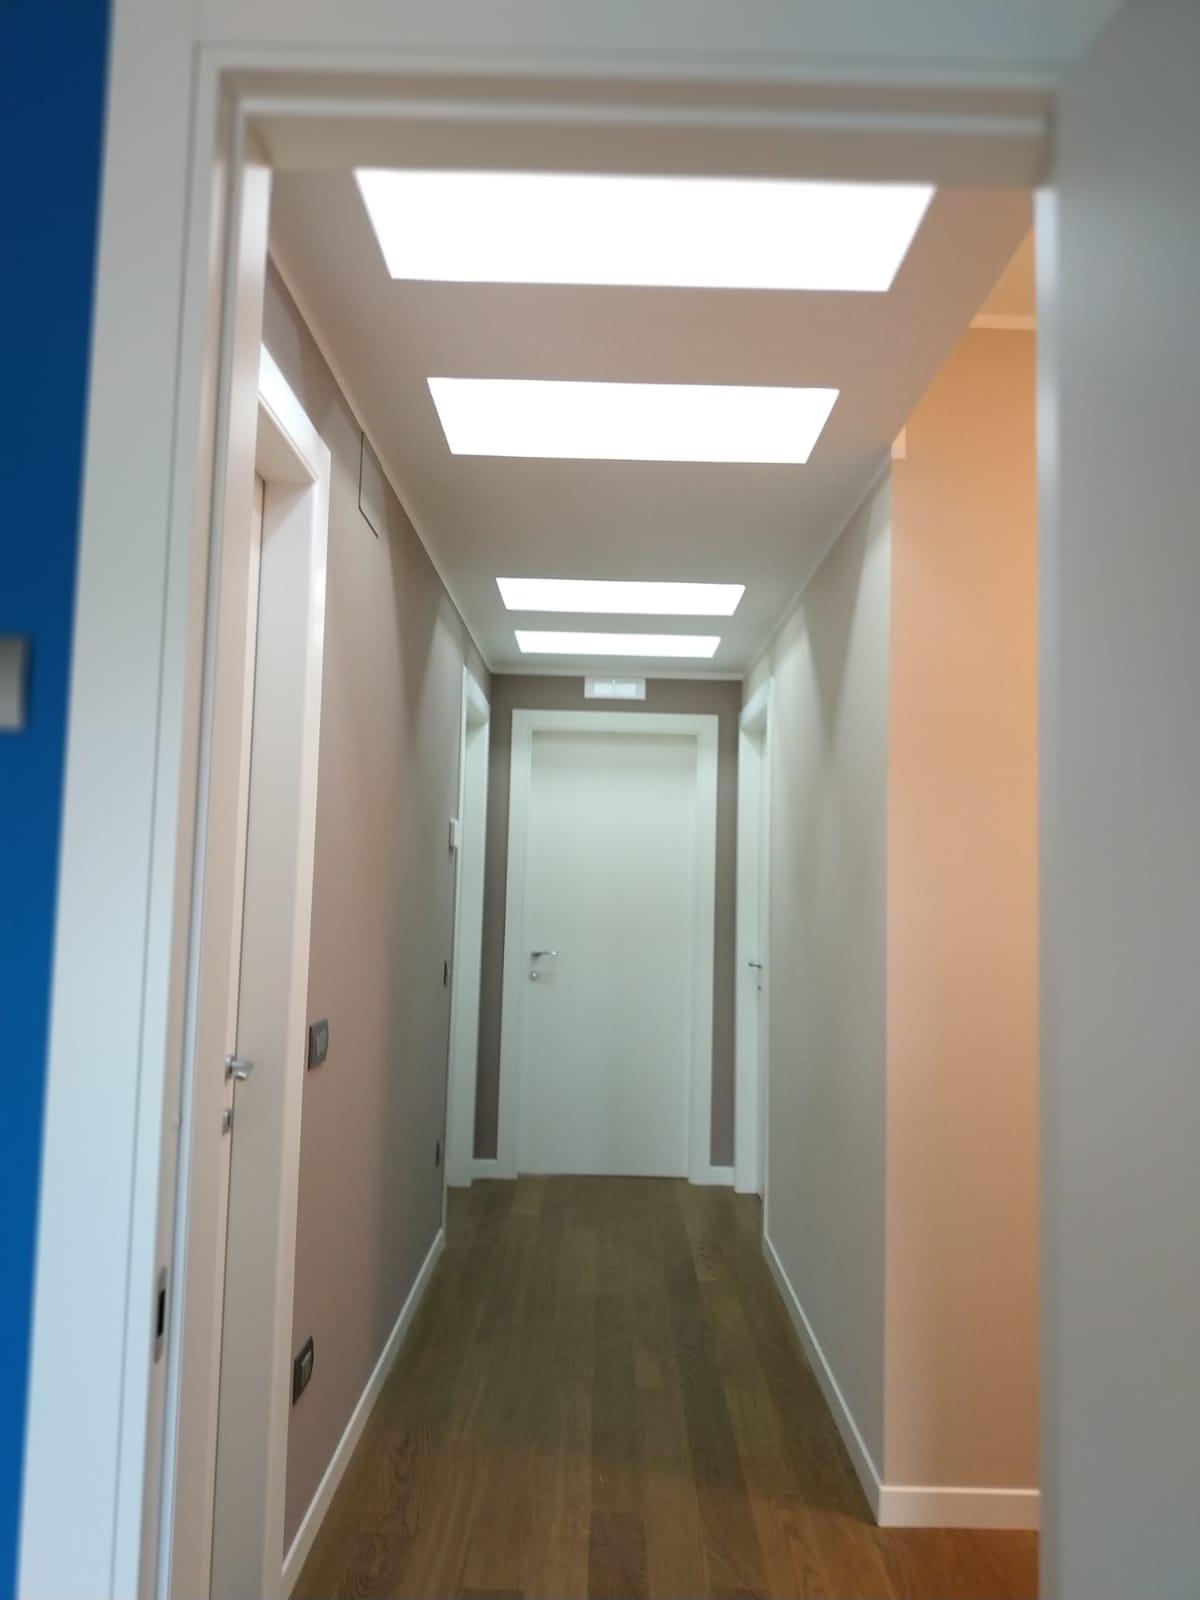 Corridoio e porta